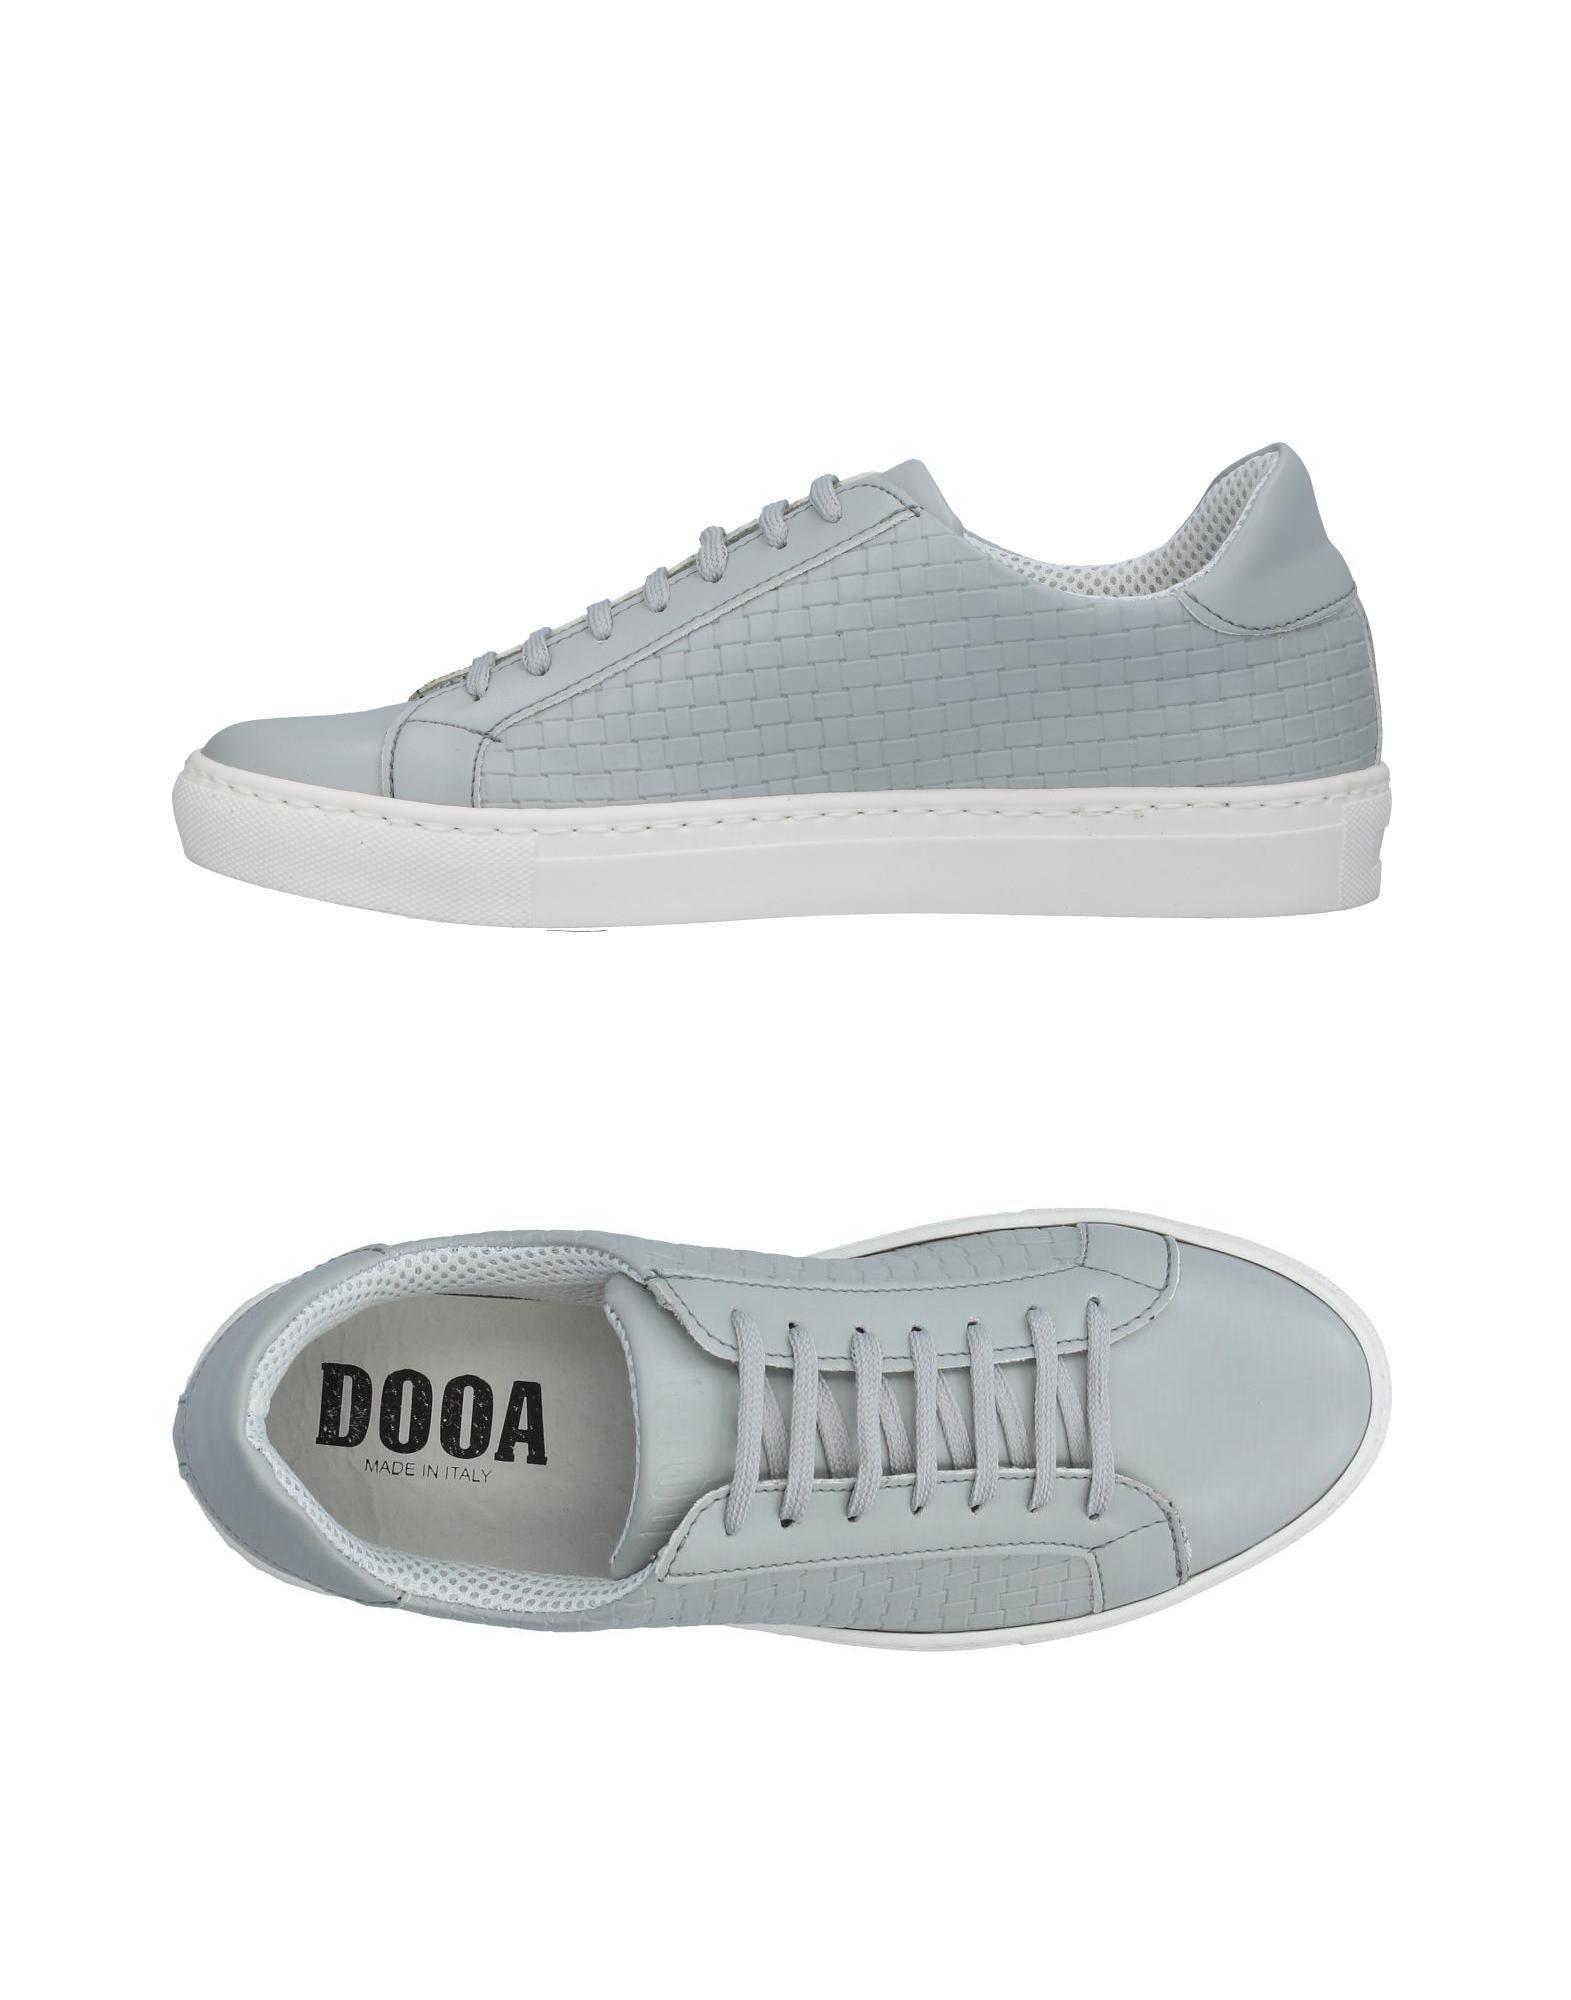 Sneakers Dooa Homme - Sneakers Dooa sur